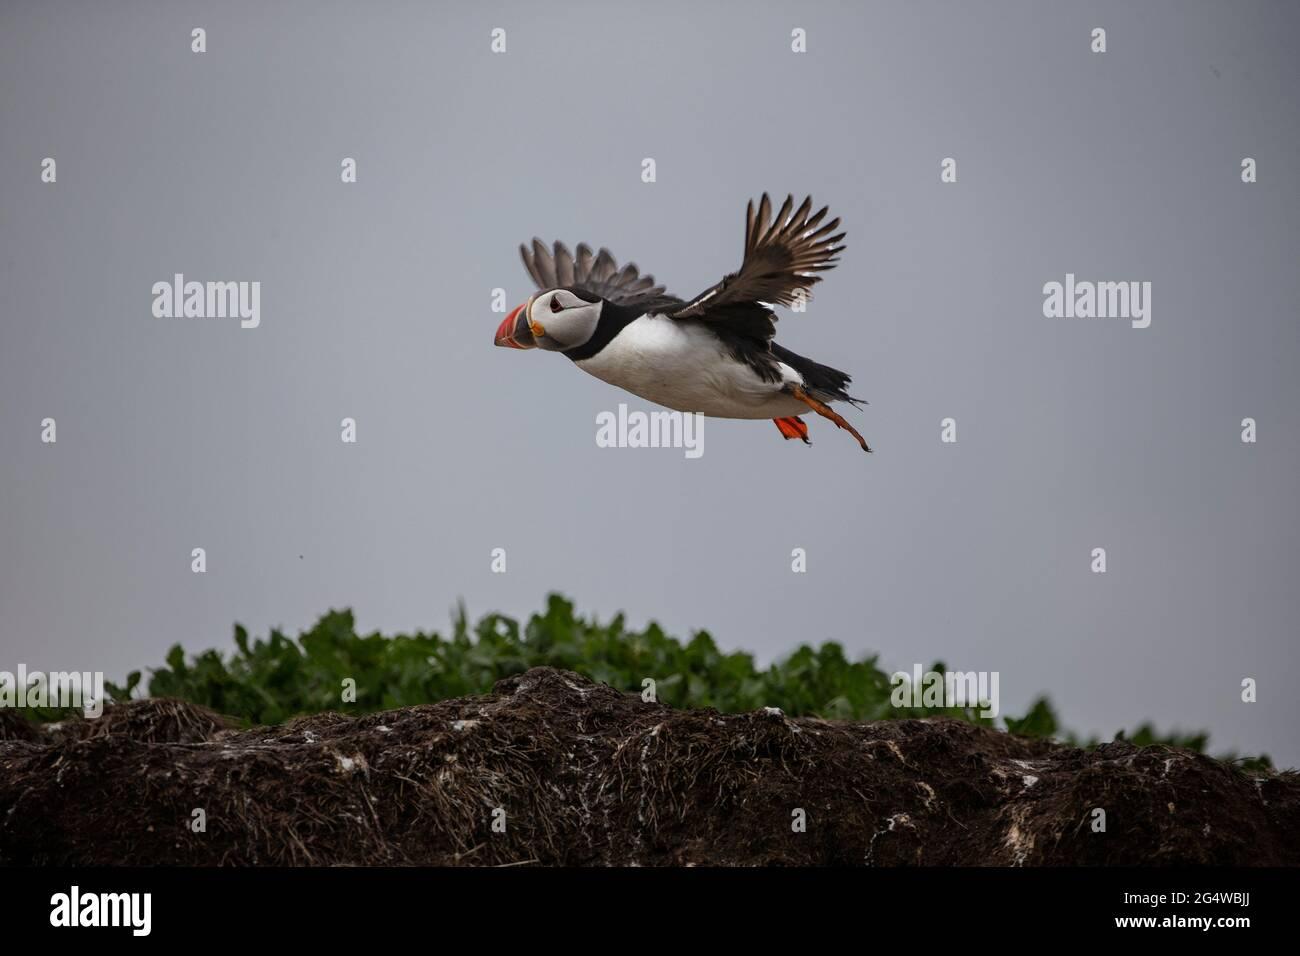 Der Atlantische Papageientaucher Fraterkula Arctica kommt während der Brutsaison in Northumberland, England, auf der Insel Inner Farne an Land Stockfoto